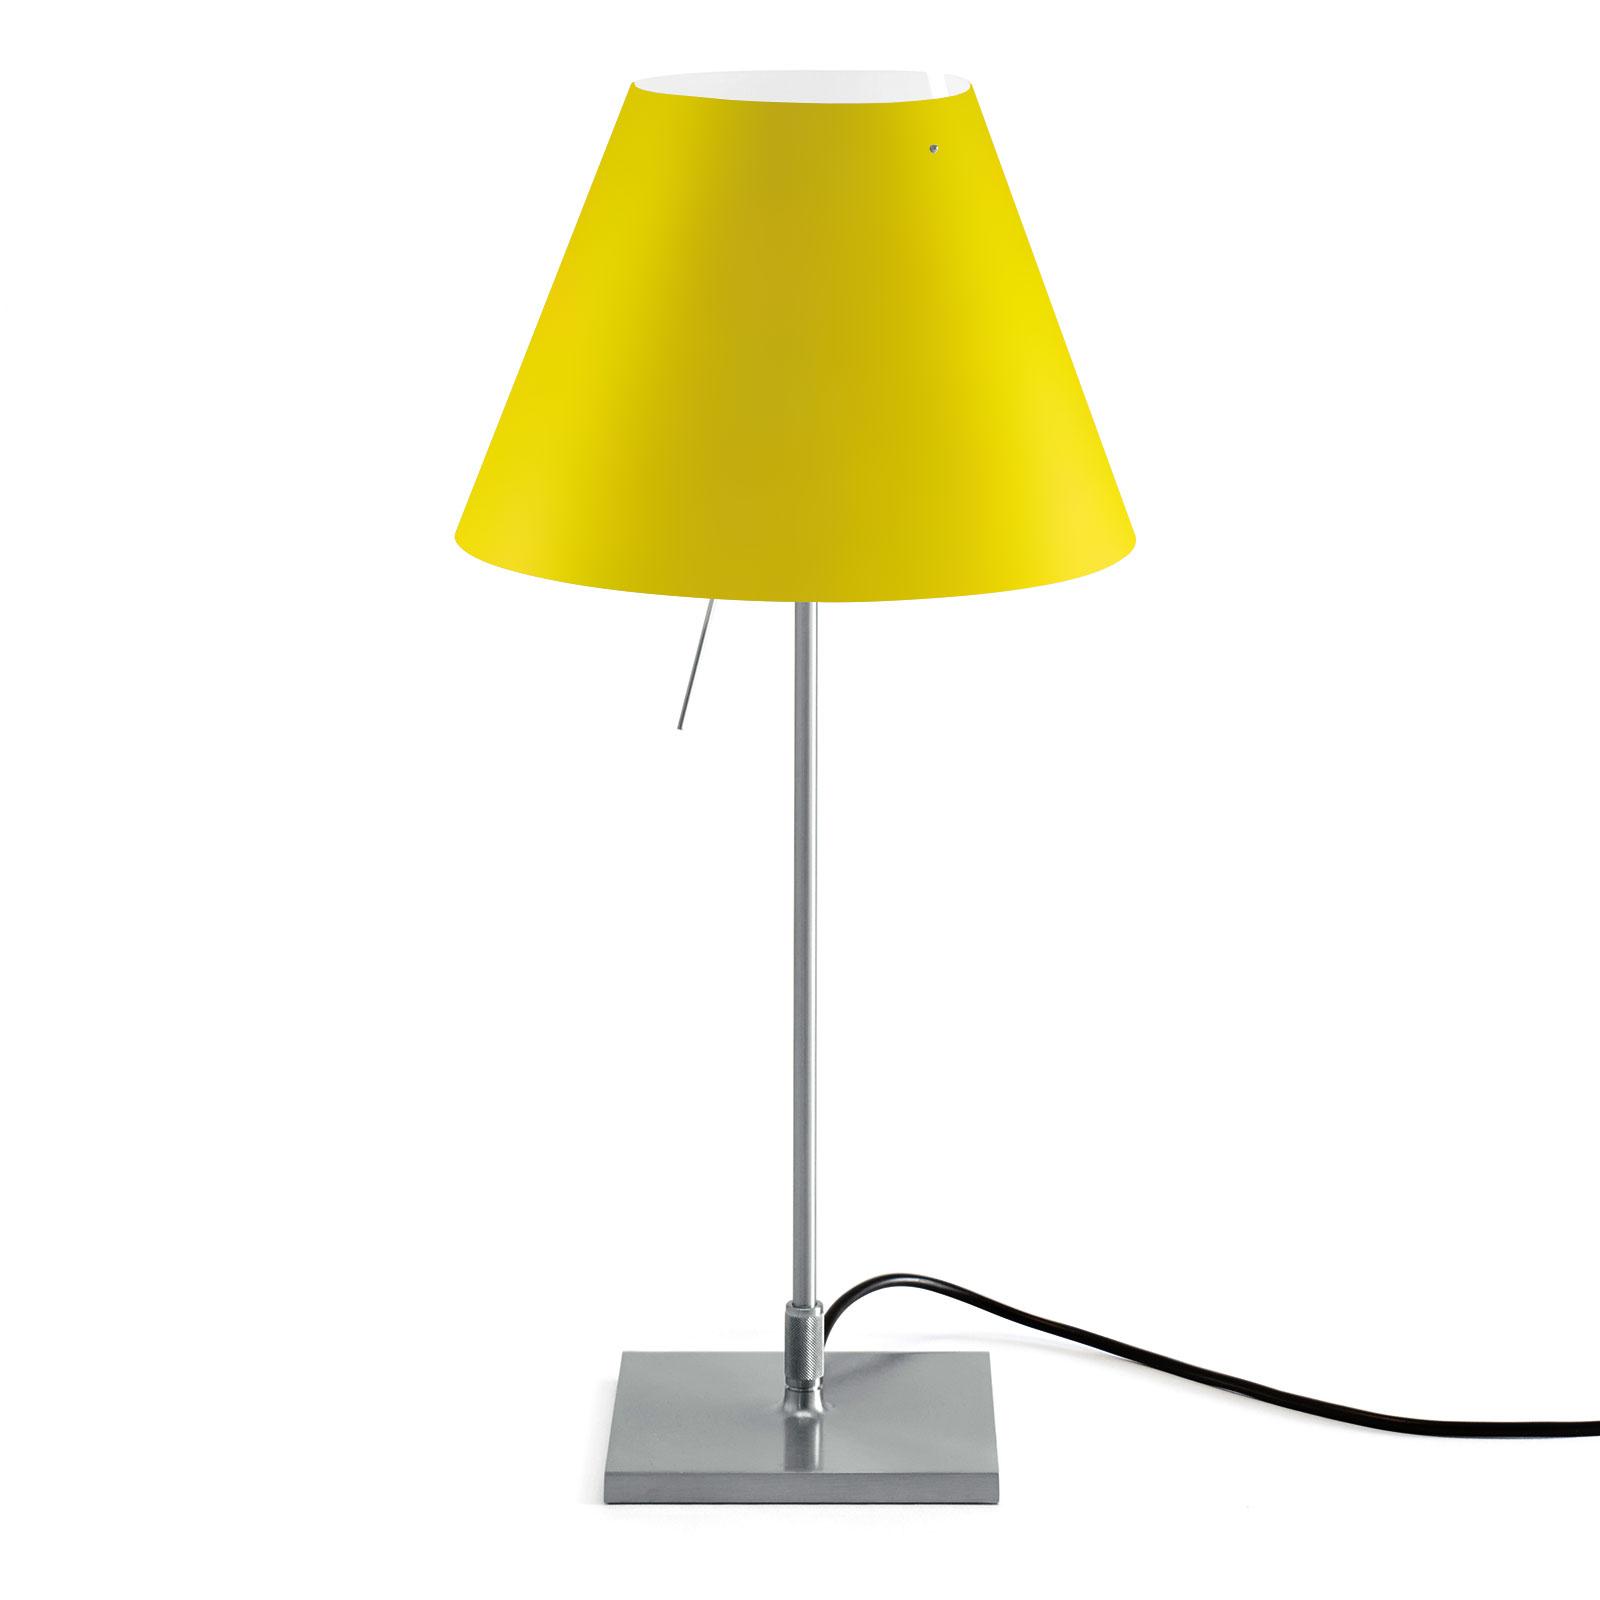 Luceplan Costanzina lampe à poser alu jaune canari